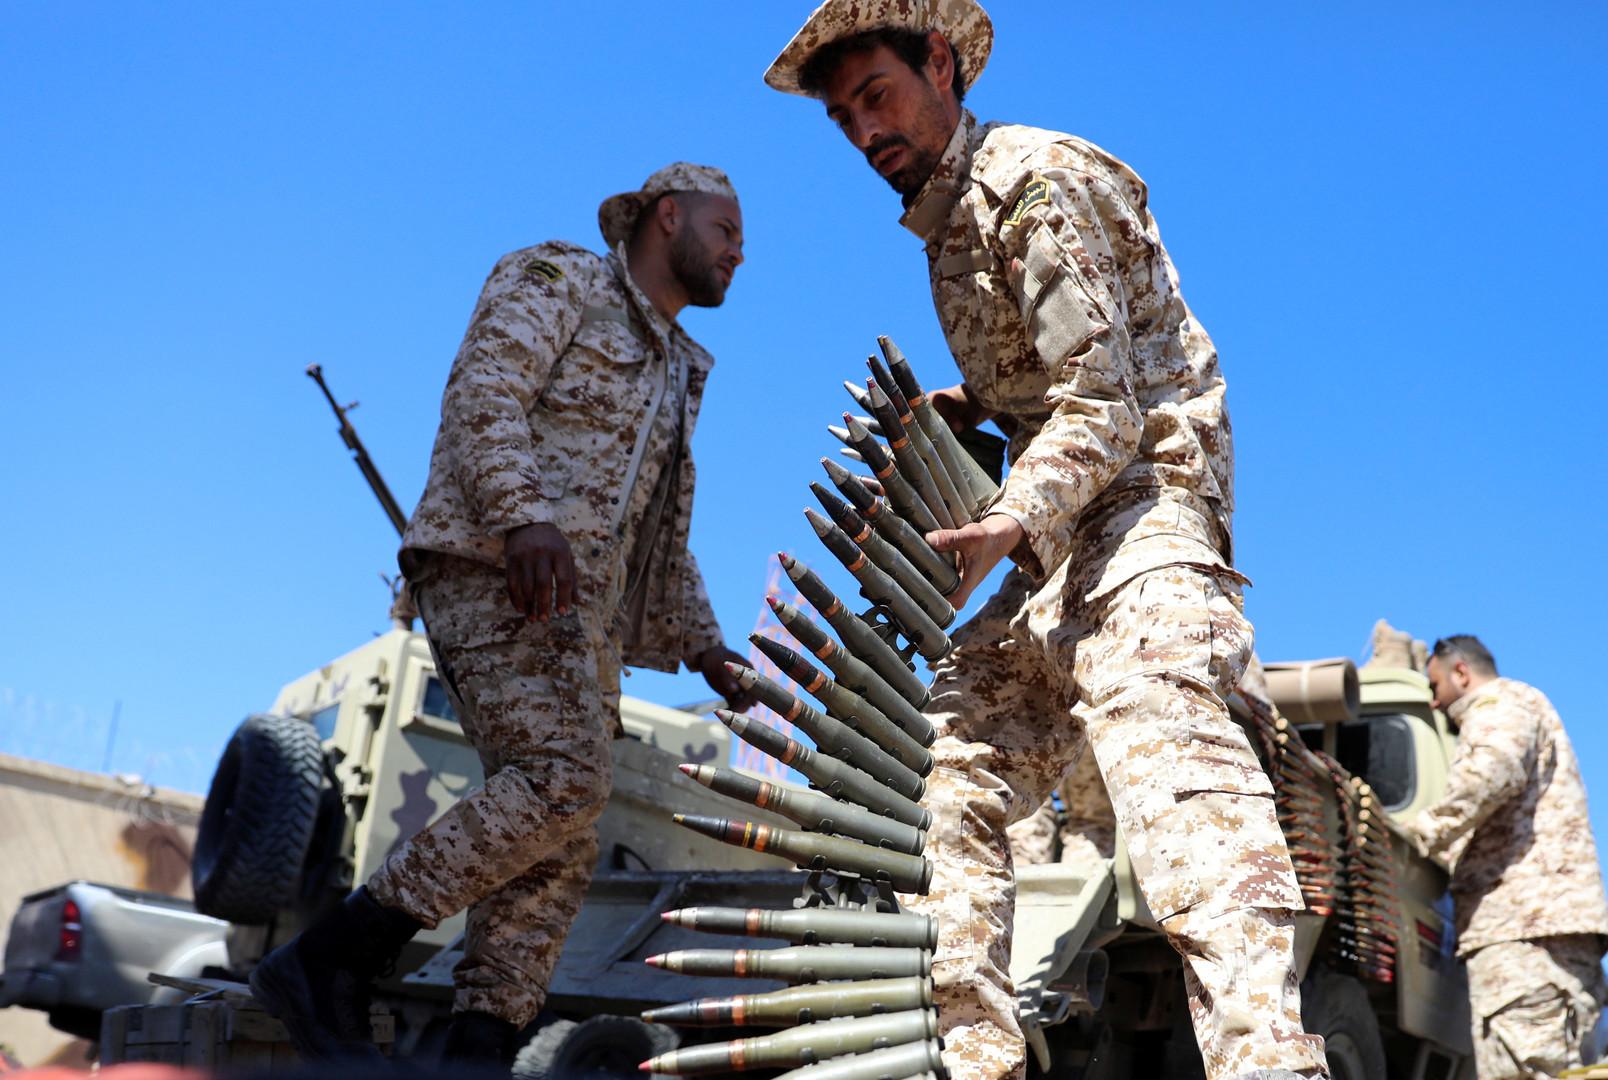 مجلس الأمن الدولي يفشل في التوصل لاستراتيجية واضحة توقف القتال في ليبيا